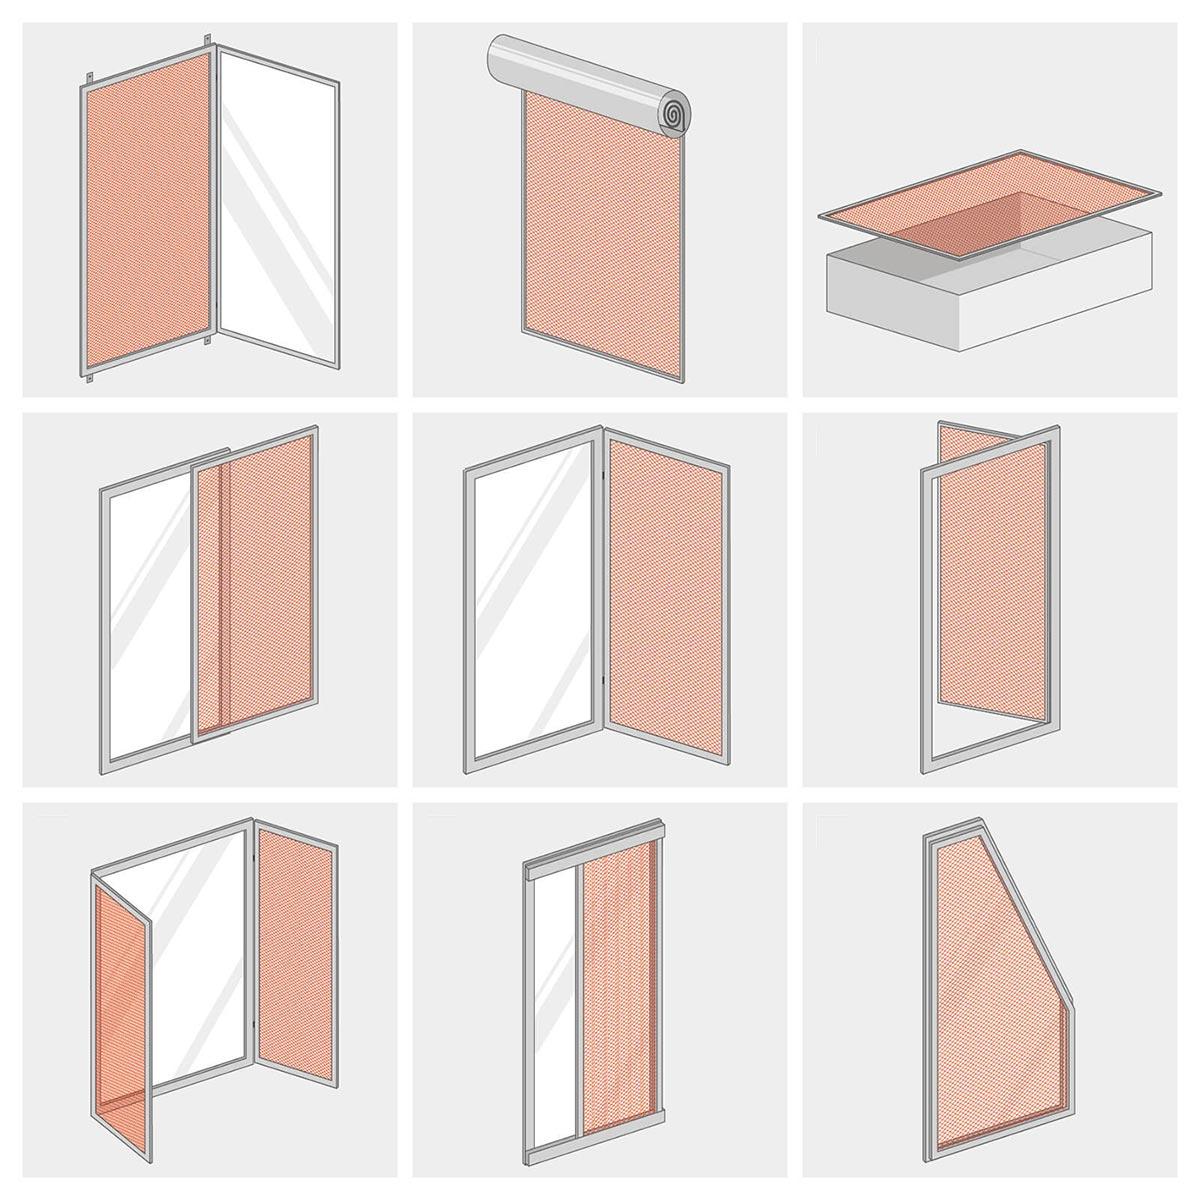 gardinen f r gro es fenster mit balkont r bild das. Black Bedroom Furniture Sets. Home Design Ideas